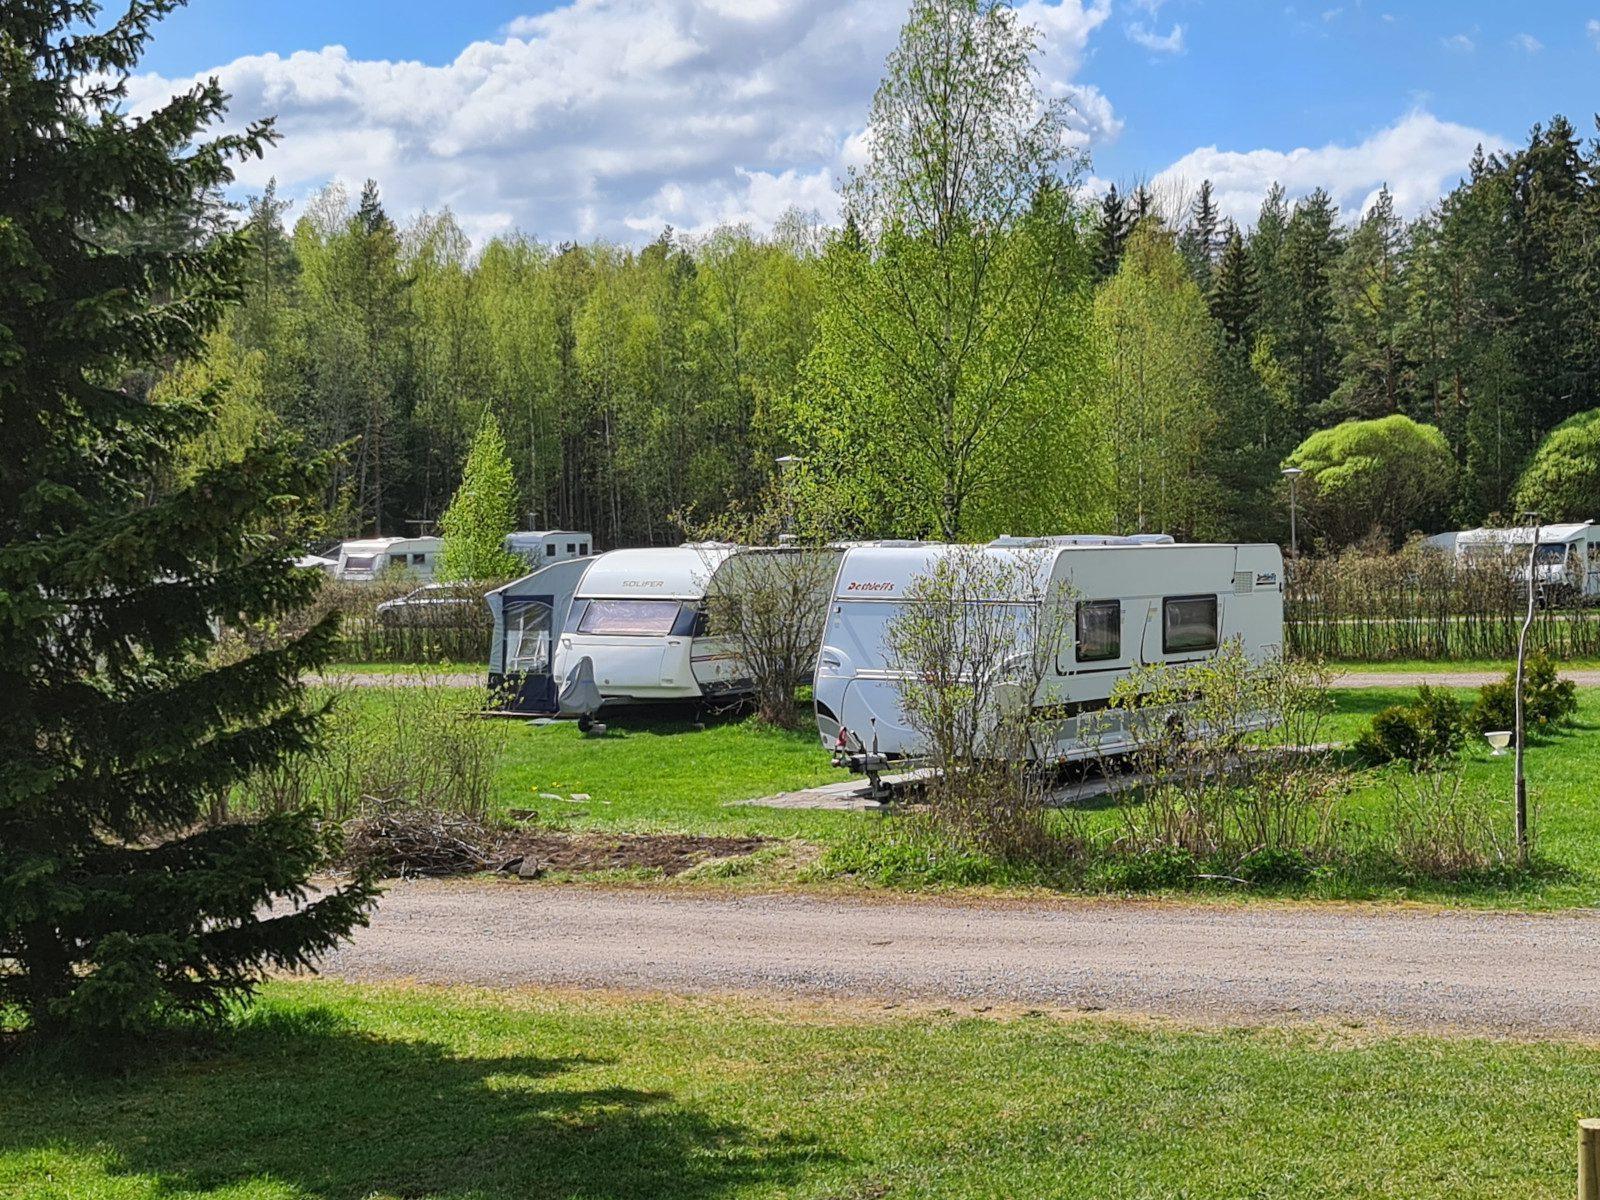 Villan tilan asuntoautoalue, kolme valkoista autoa parkissa nurmikolla.